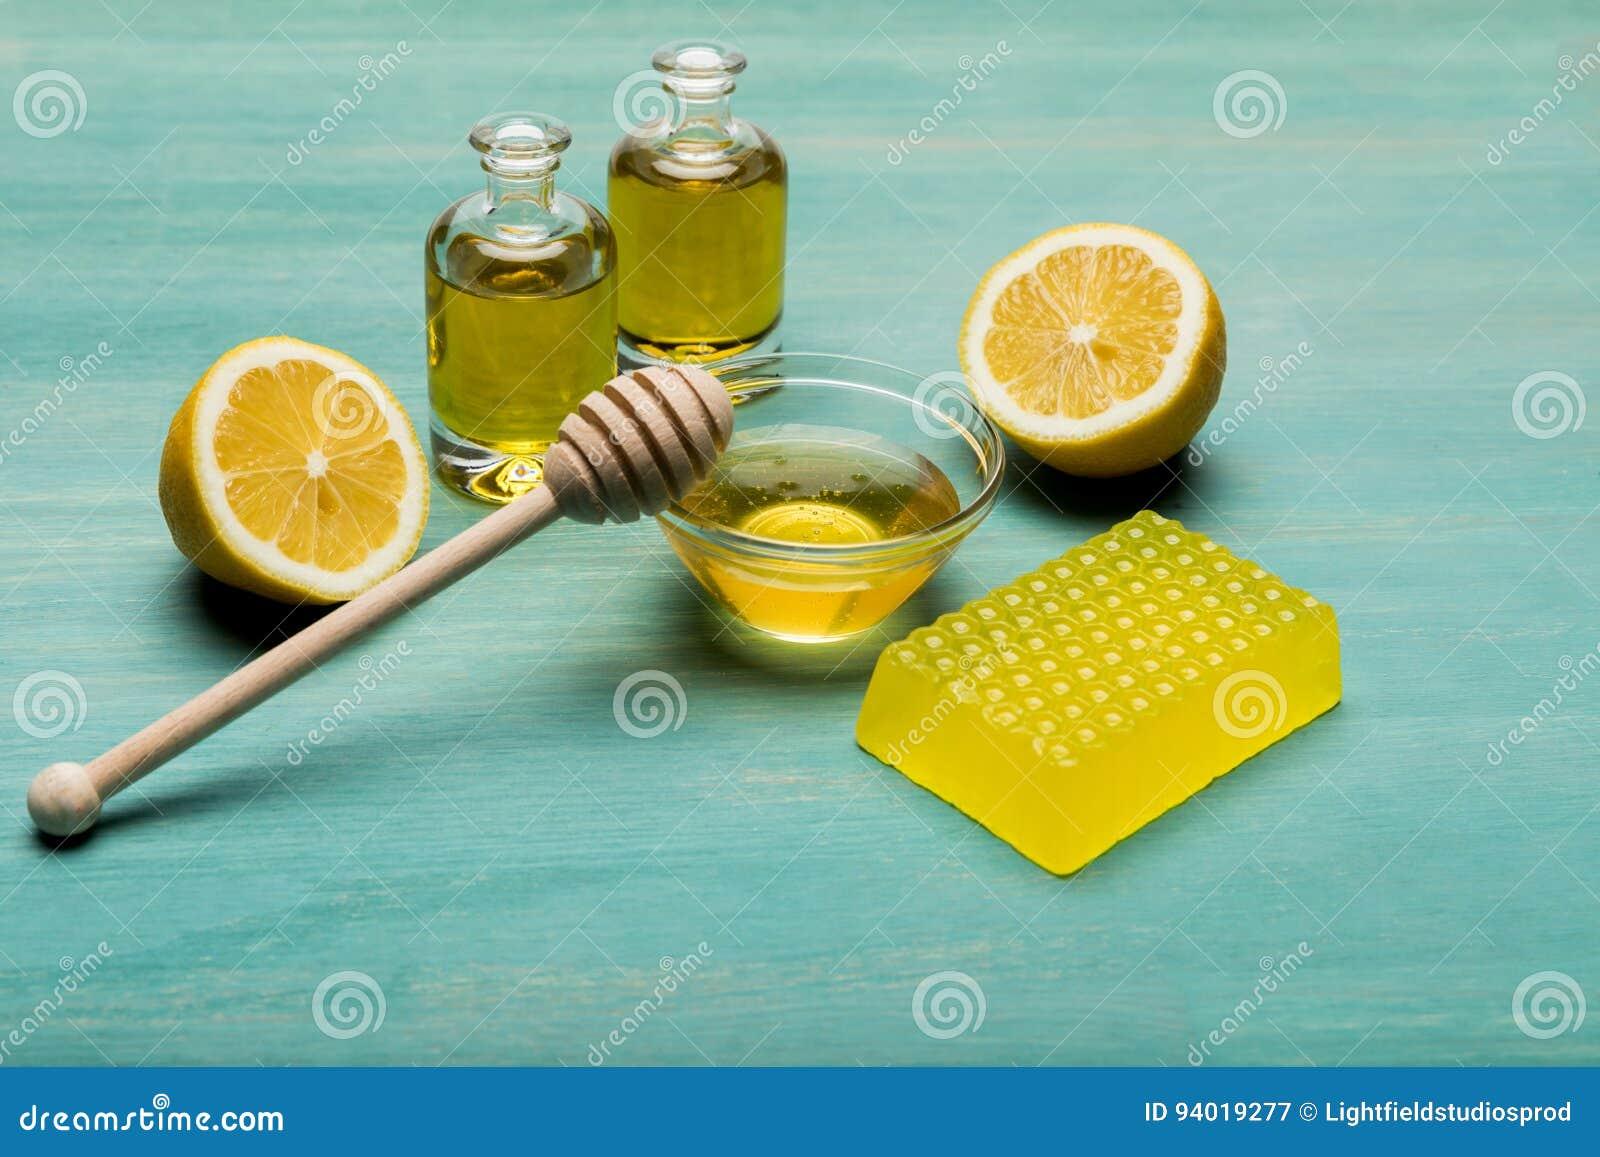 Sabão Caseiro Do Mel Limão óleo Essencial E Mel Com Dipper Do Mel